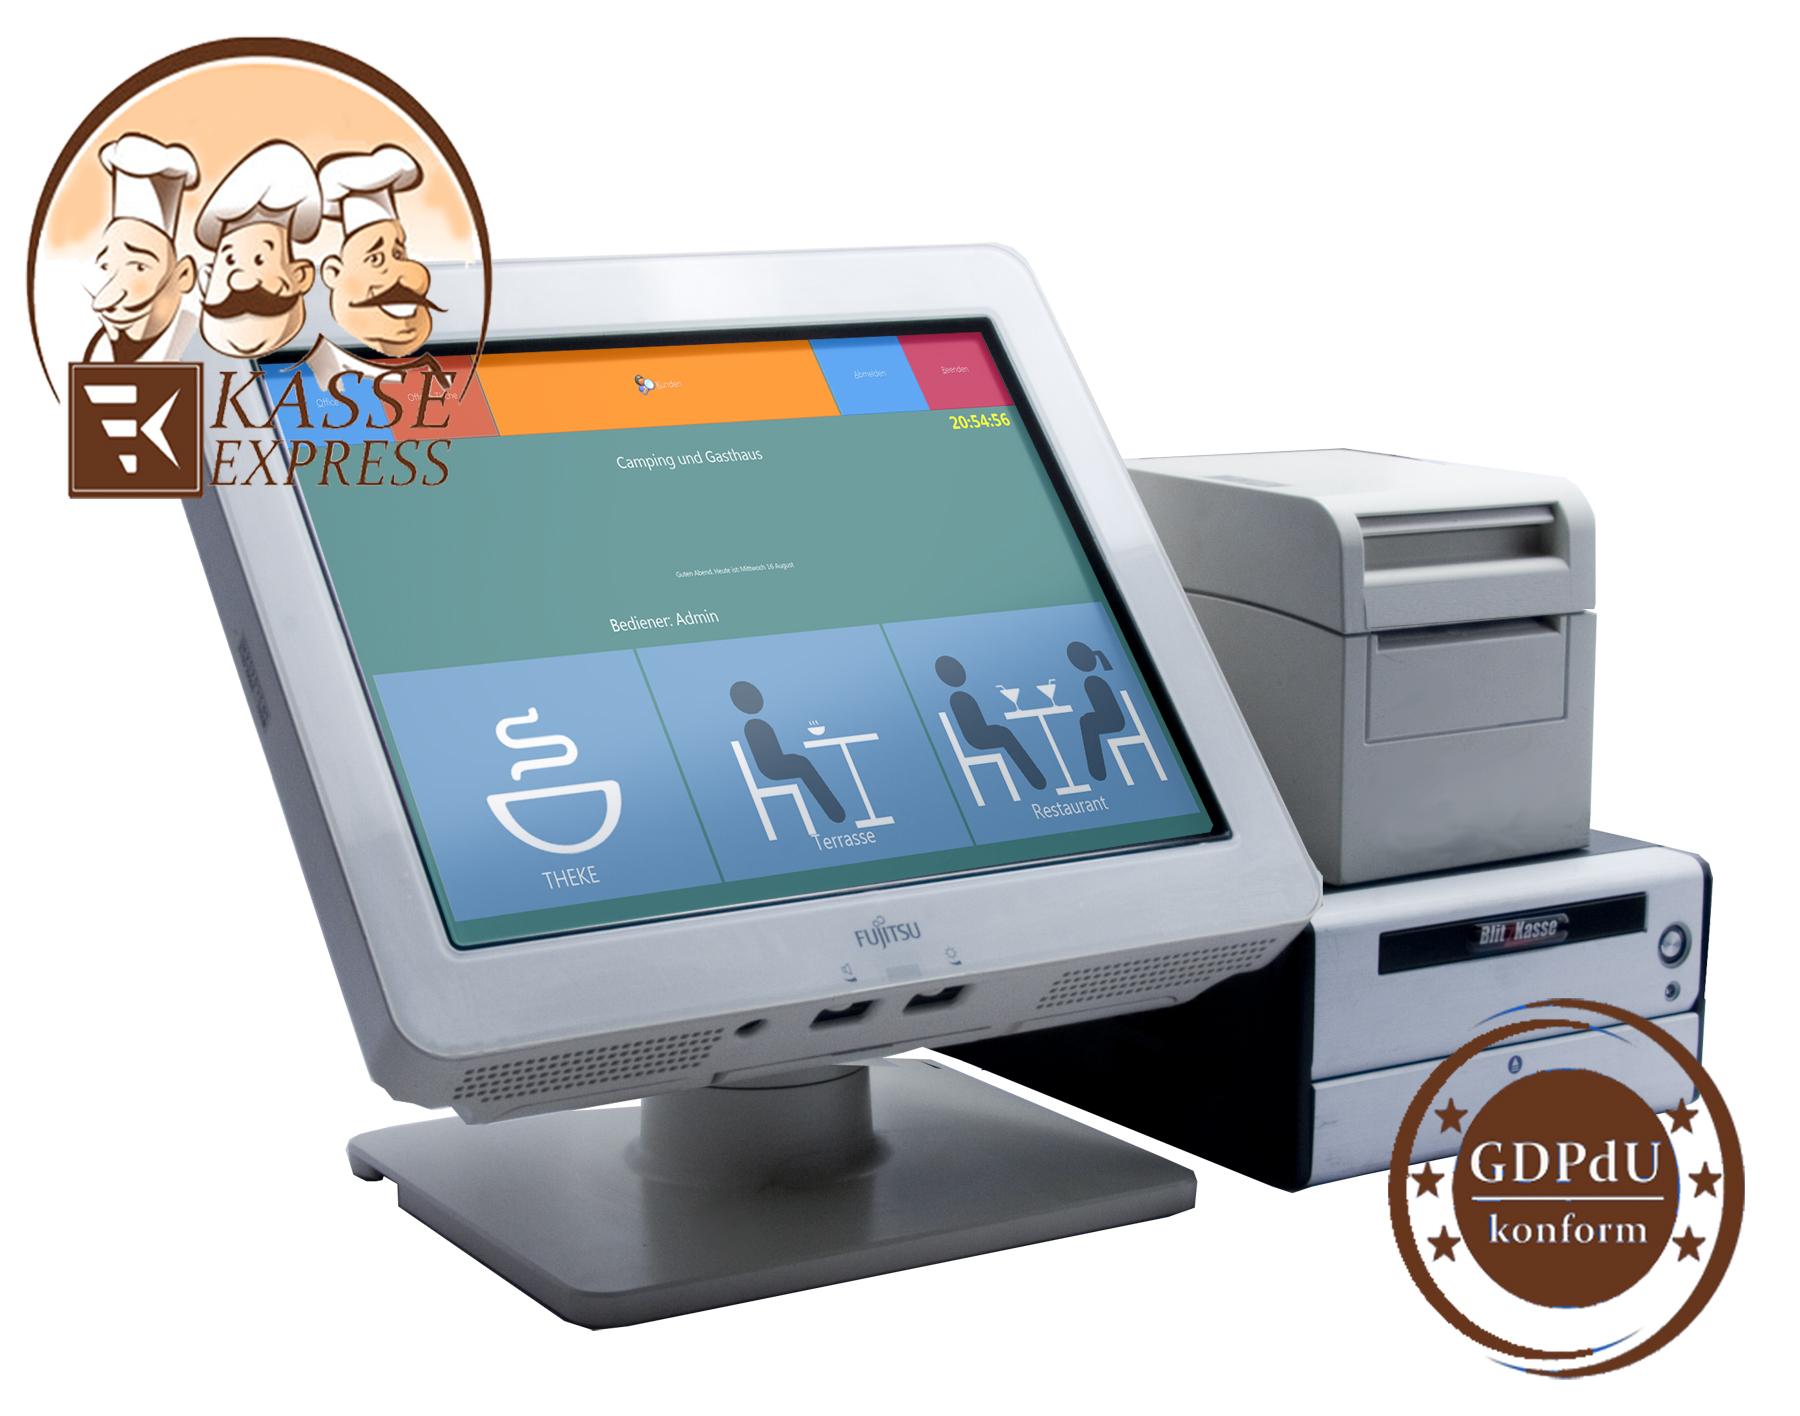 M&S SystemSolutions GmbH / www.expresskasse.de  / 0911 937 6680